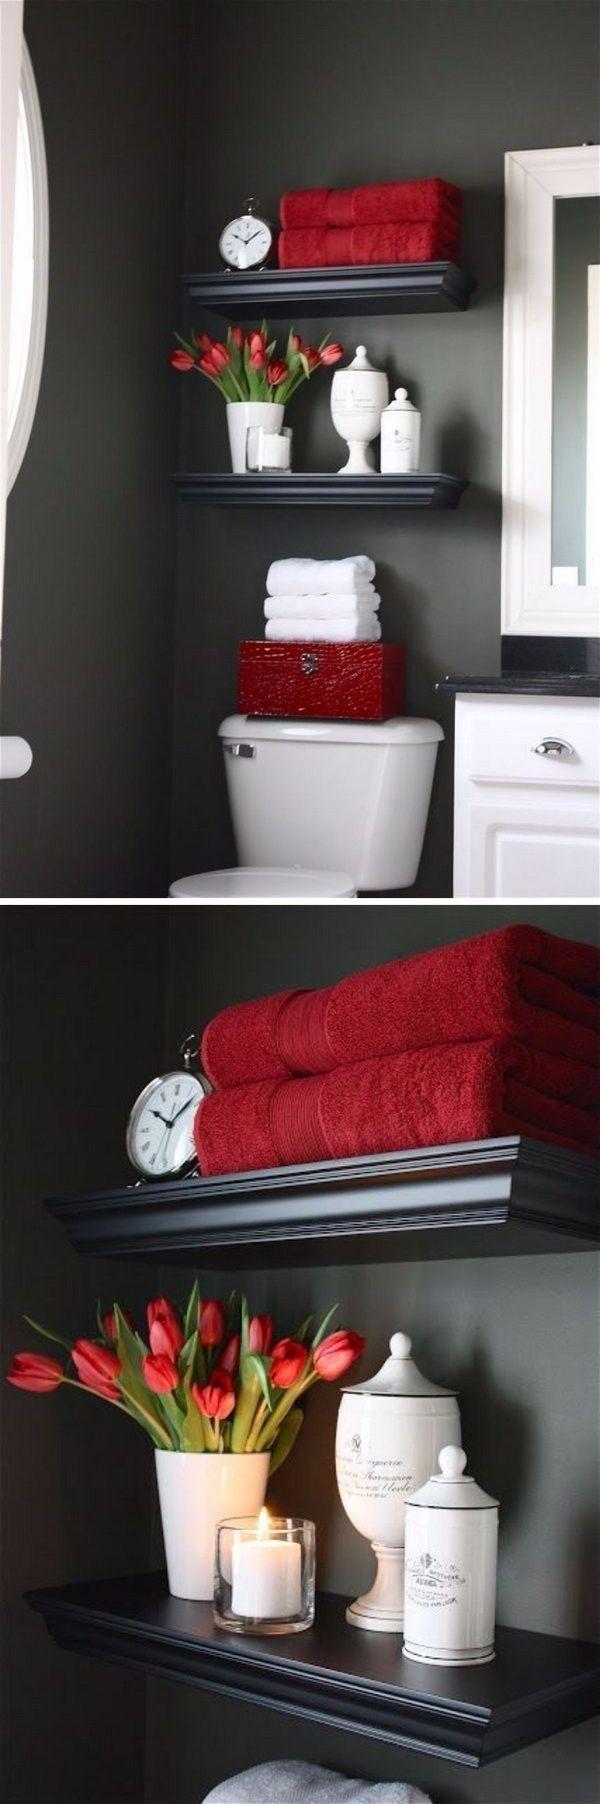 Организация пространства в ванной комнате фото 10